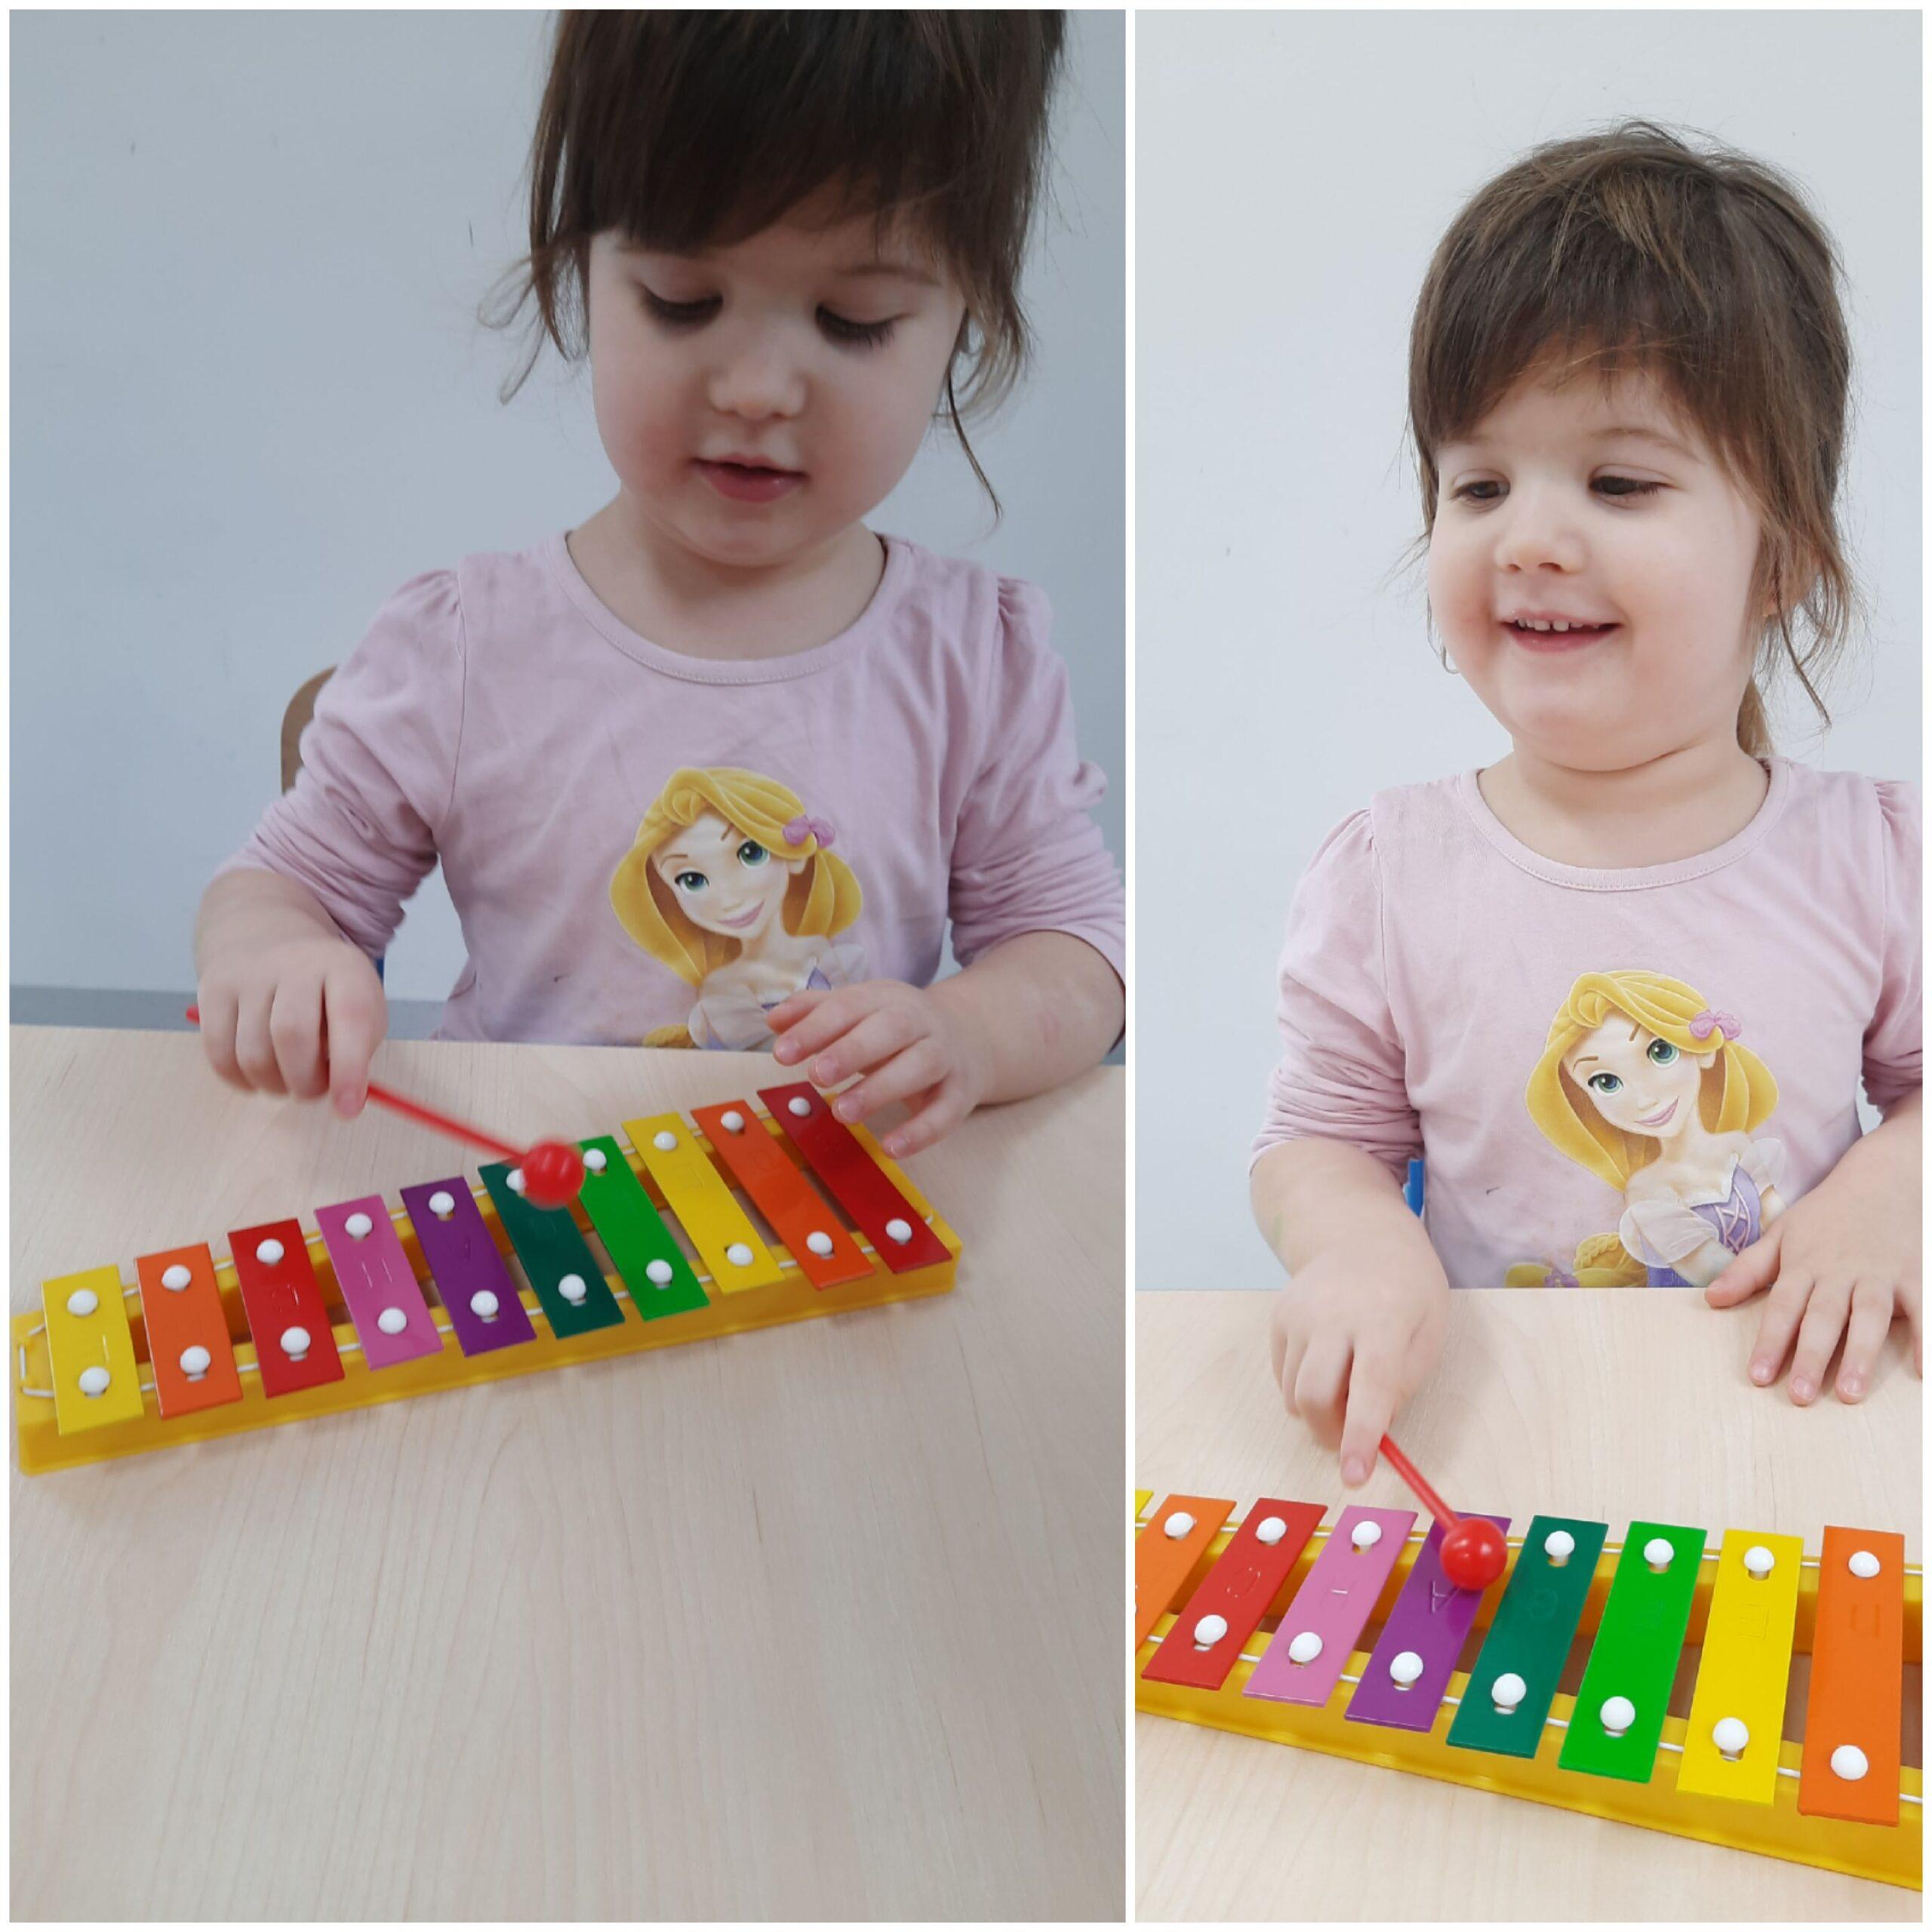 dziecko grające na dzwonkach